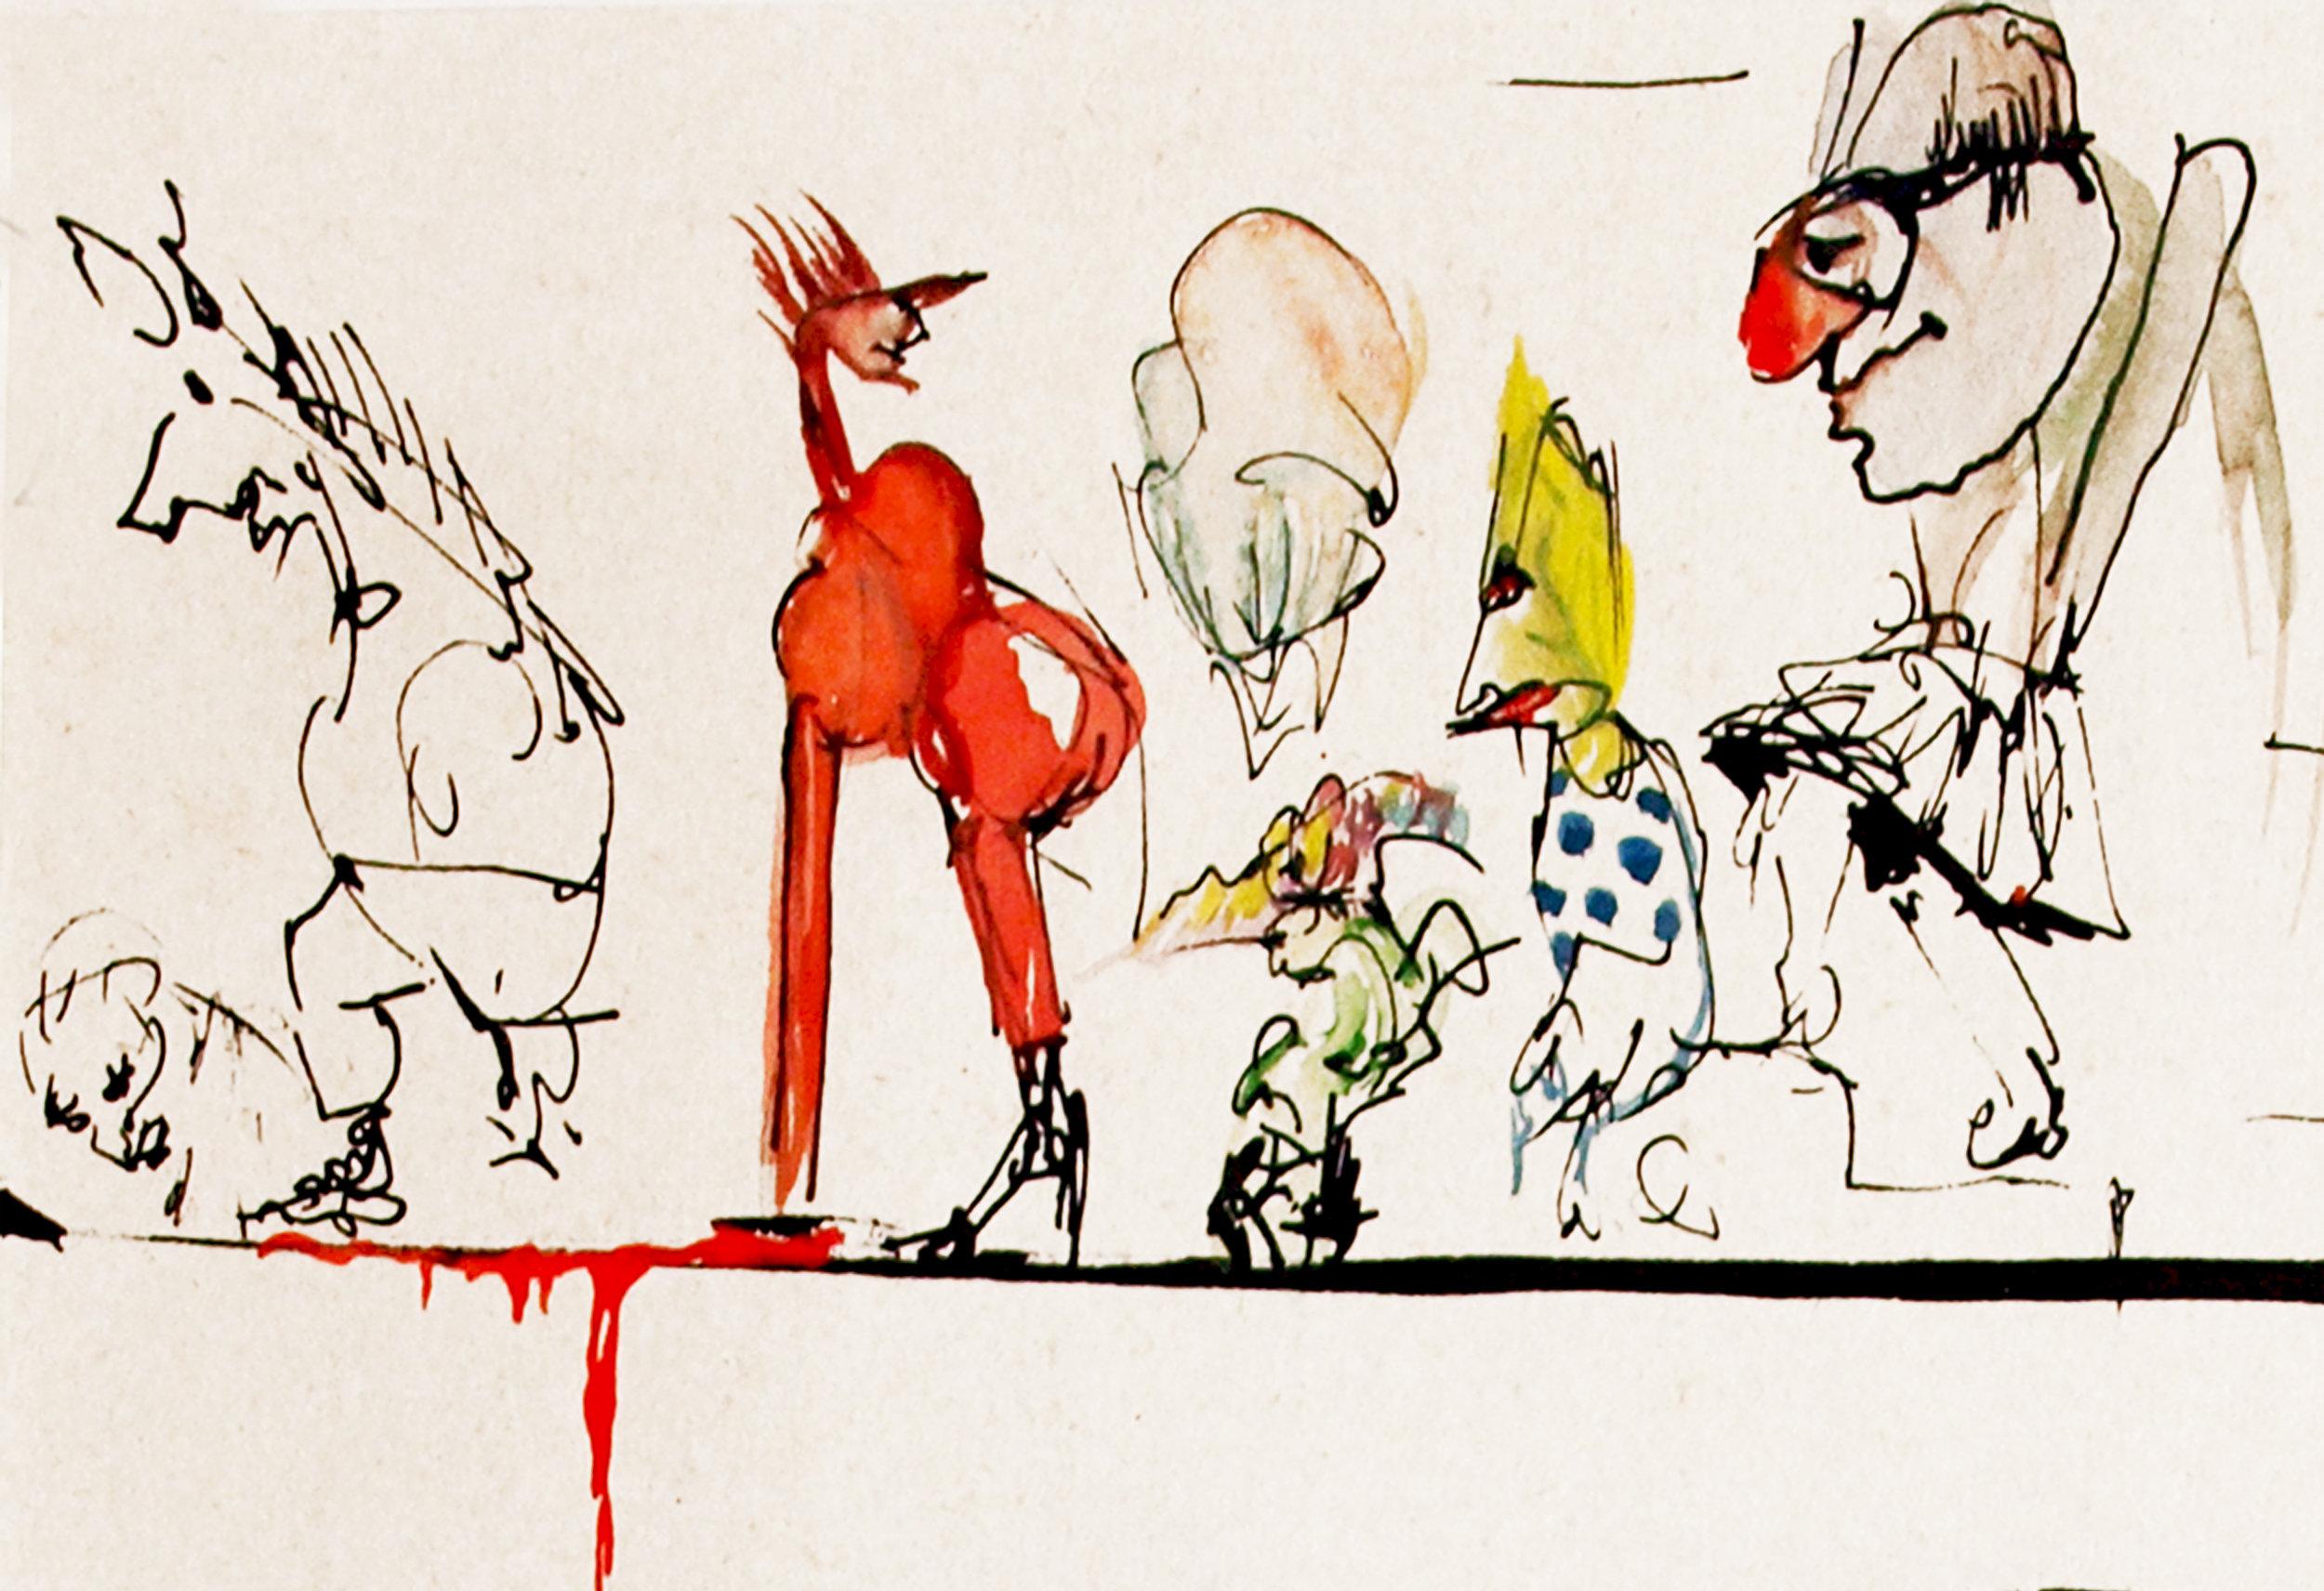 """Zeichnung zum Thema """"Anders sein"""" von Peter Bechmann (Nicht im zitierten SZ-Artikel abgebildet)"""